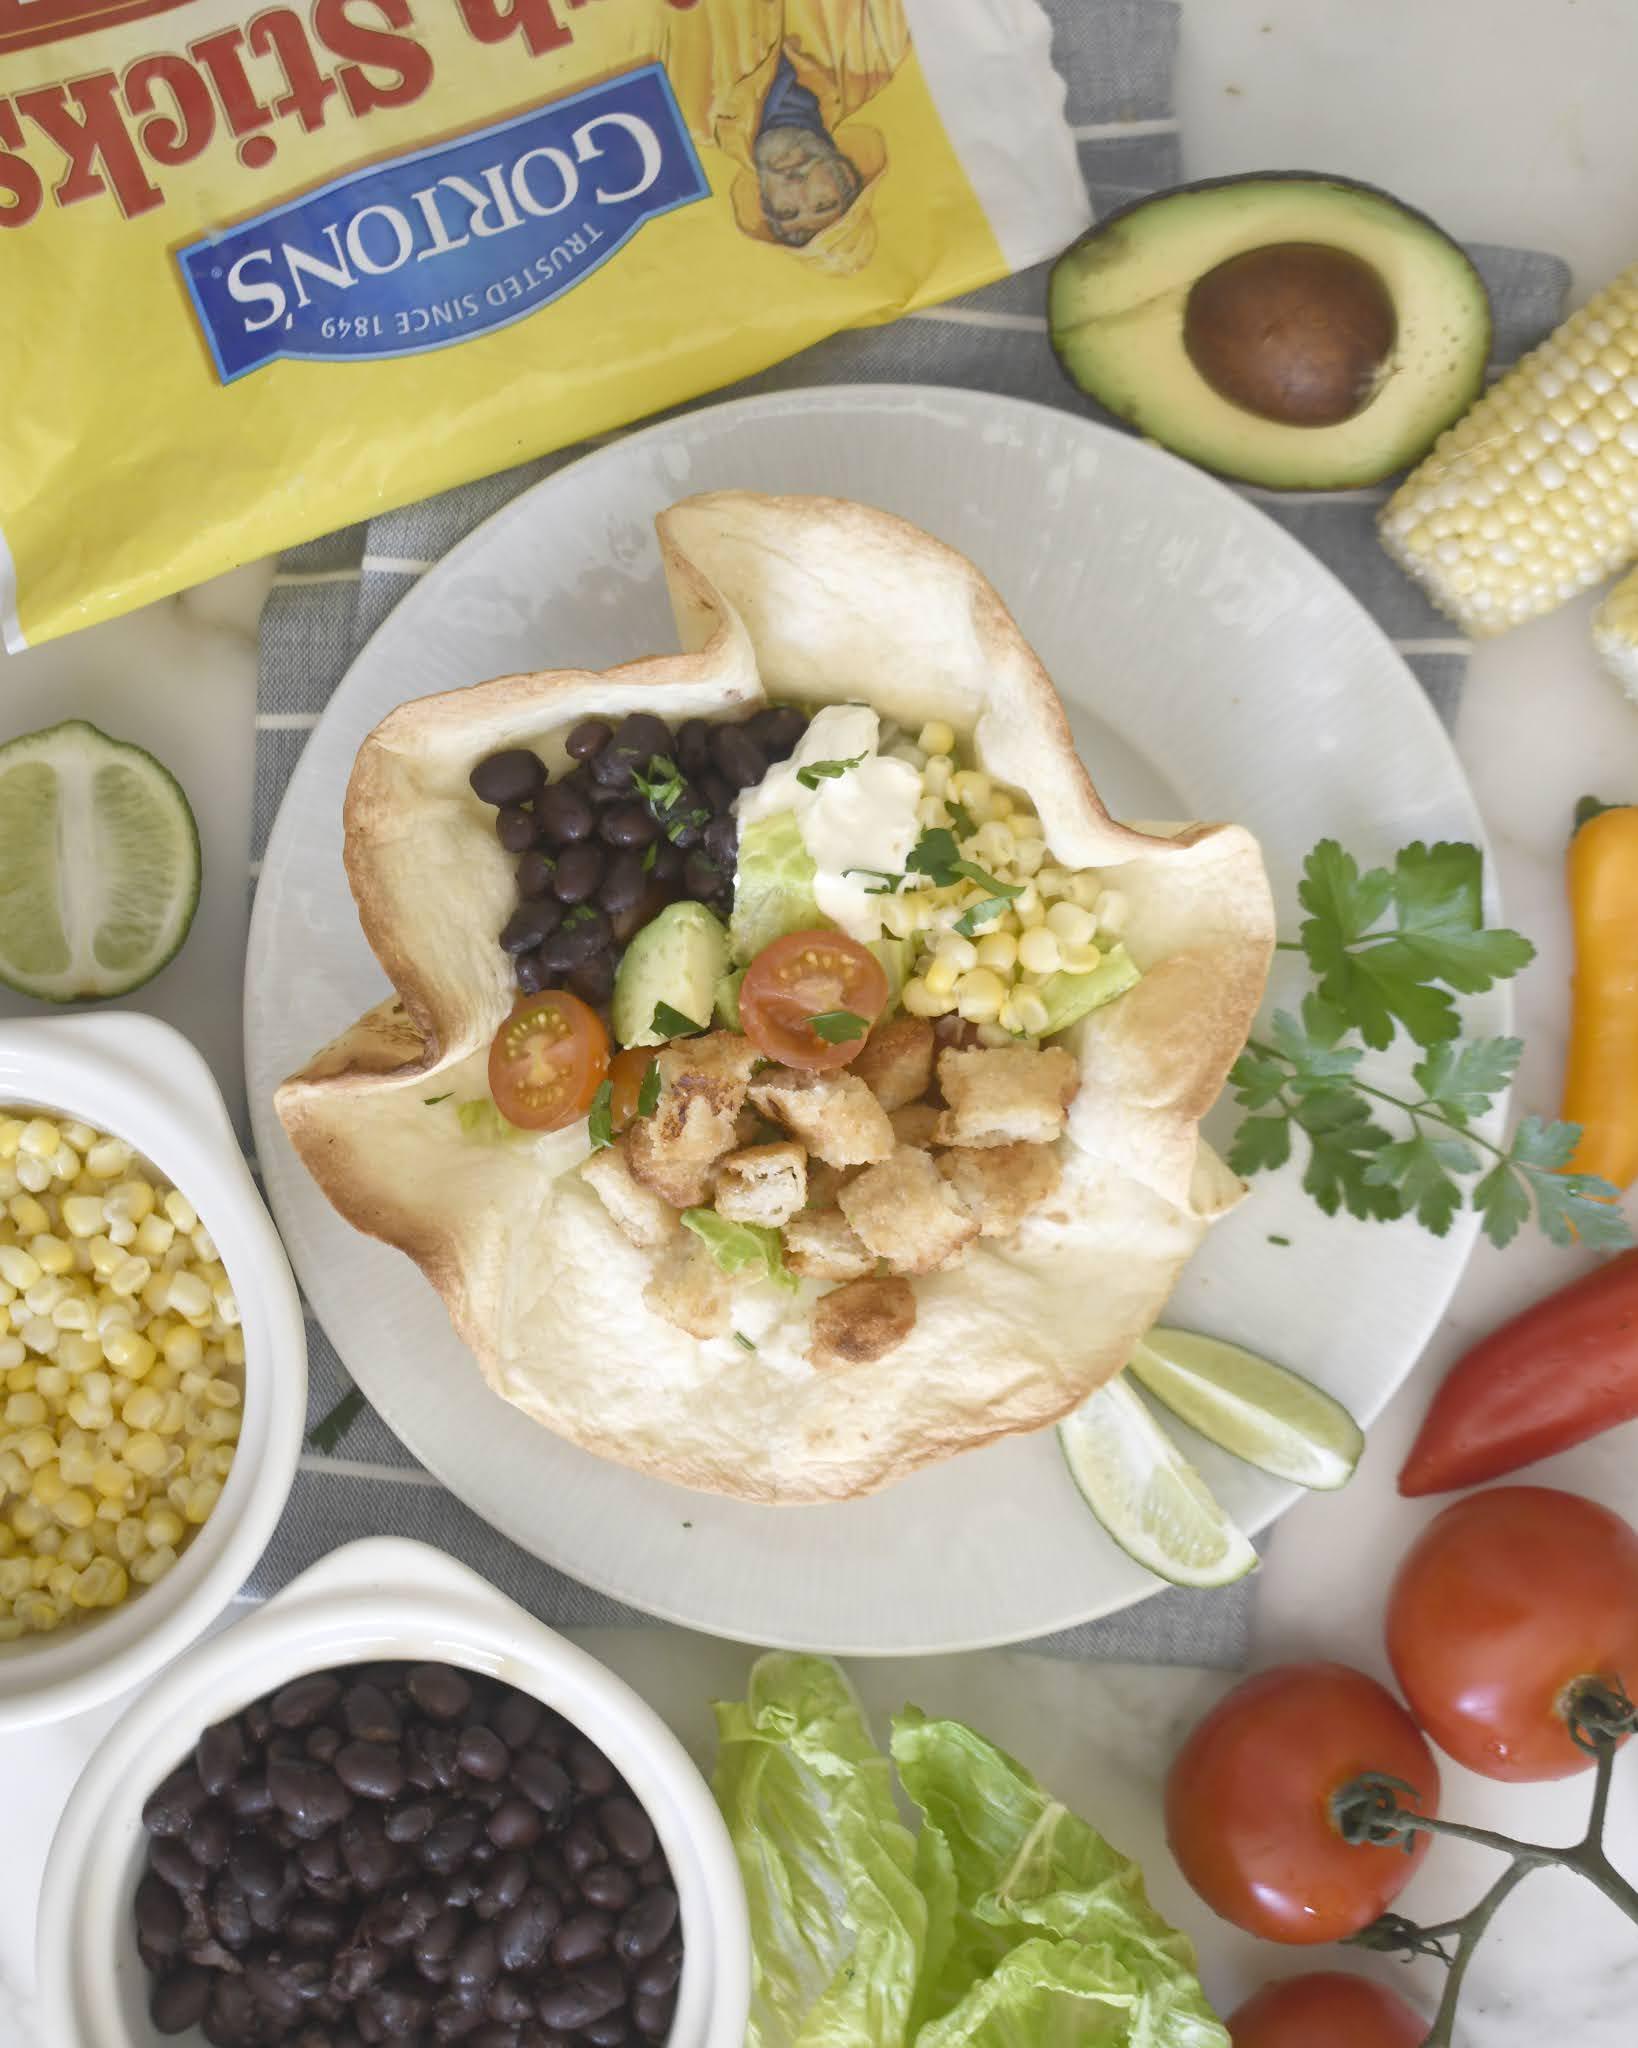 Fish Taco Salad with Homemade Tortilla Bowl